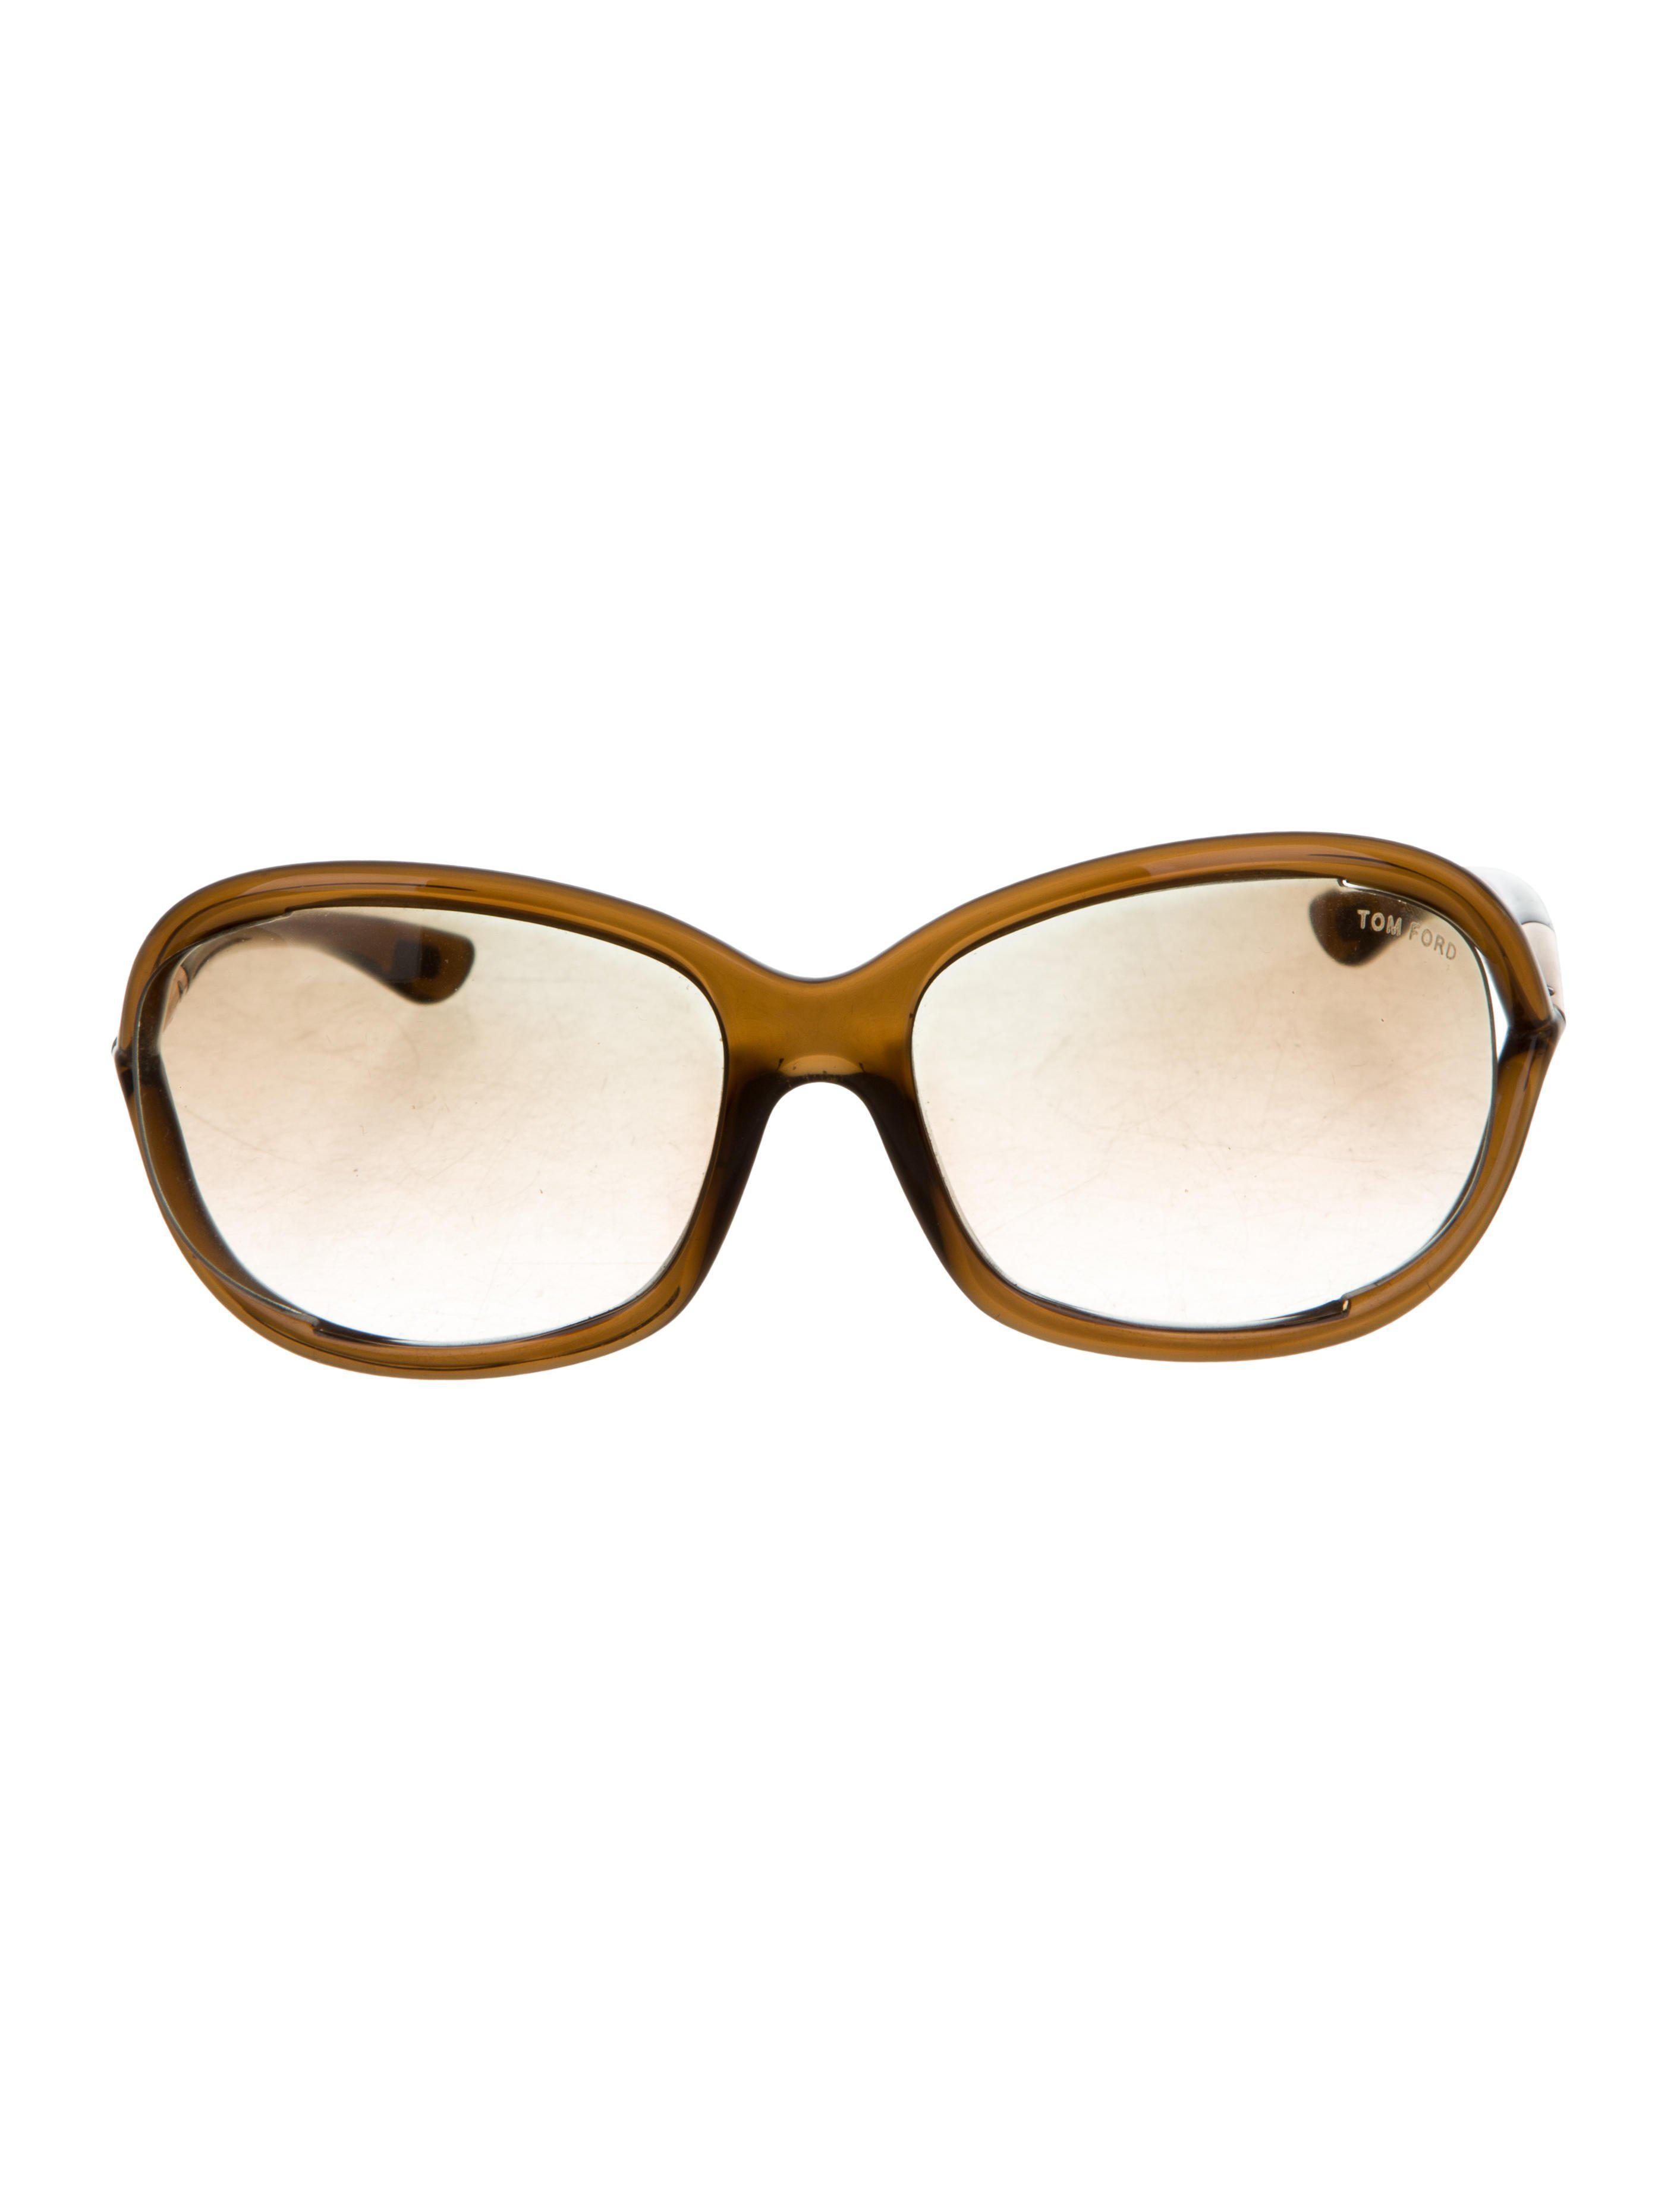 34eb430a4488 Tom Ford - Metallic Jennifer Gradient Sunglasses Brown - Lyst. View  fullscreen